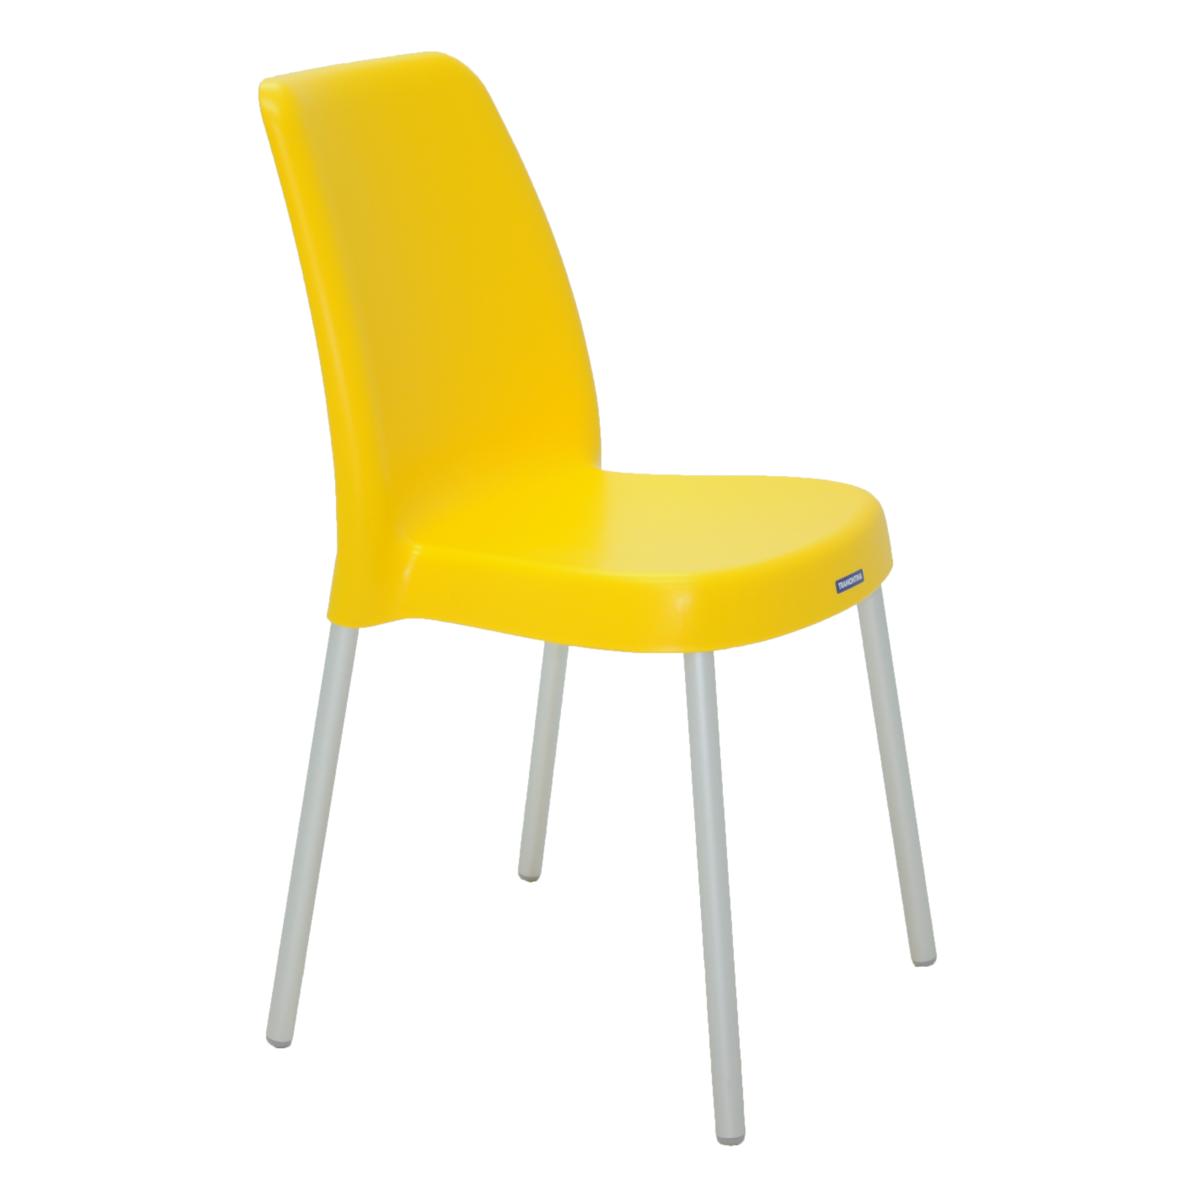 Cadeira Tramontina Amarela Vanda em Polipropileno com Pernas de Aluminio